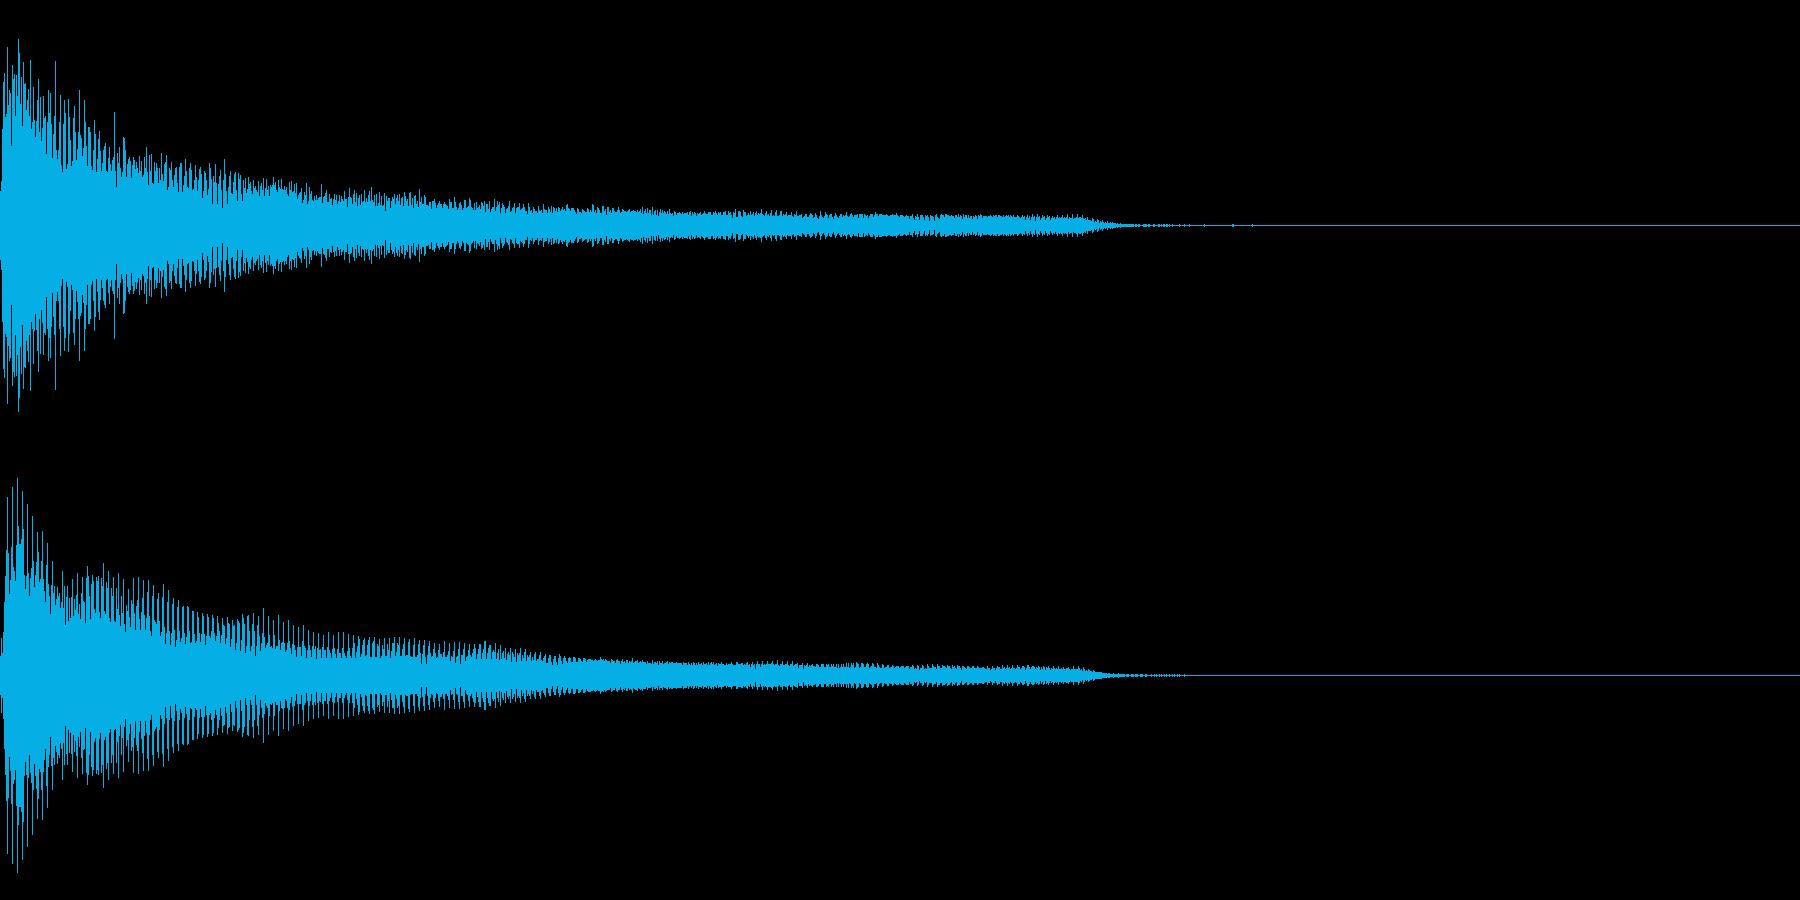 ピアノ一音極端に低い音(鍵盤の最低音)の再生済みの波形